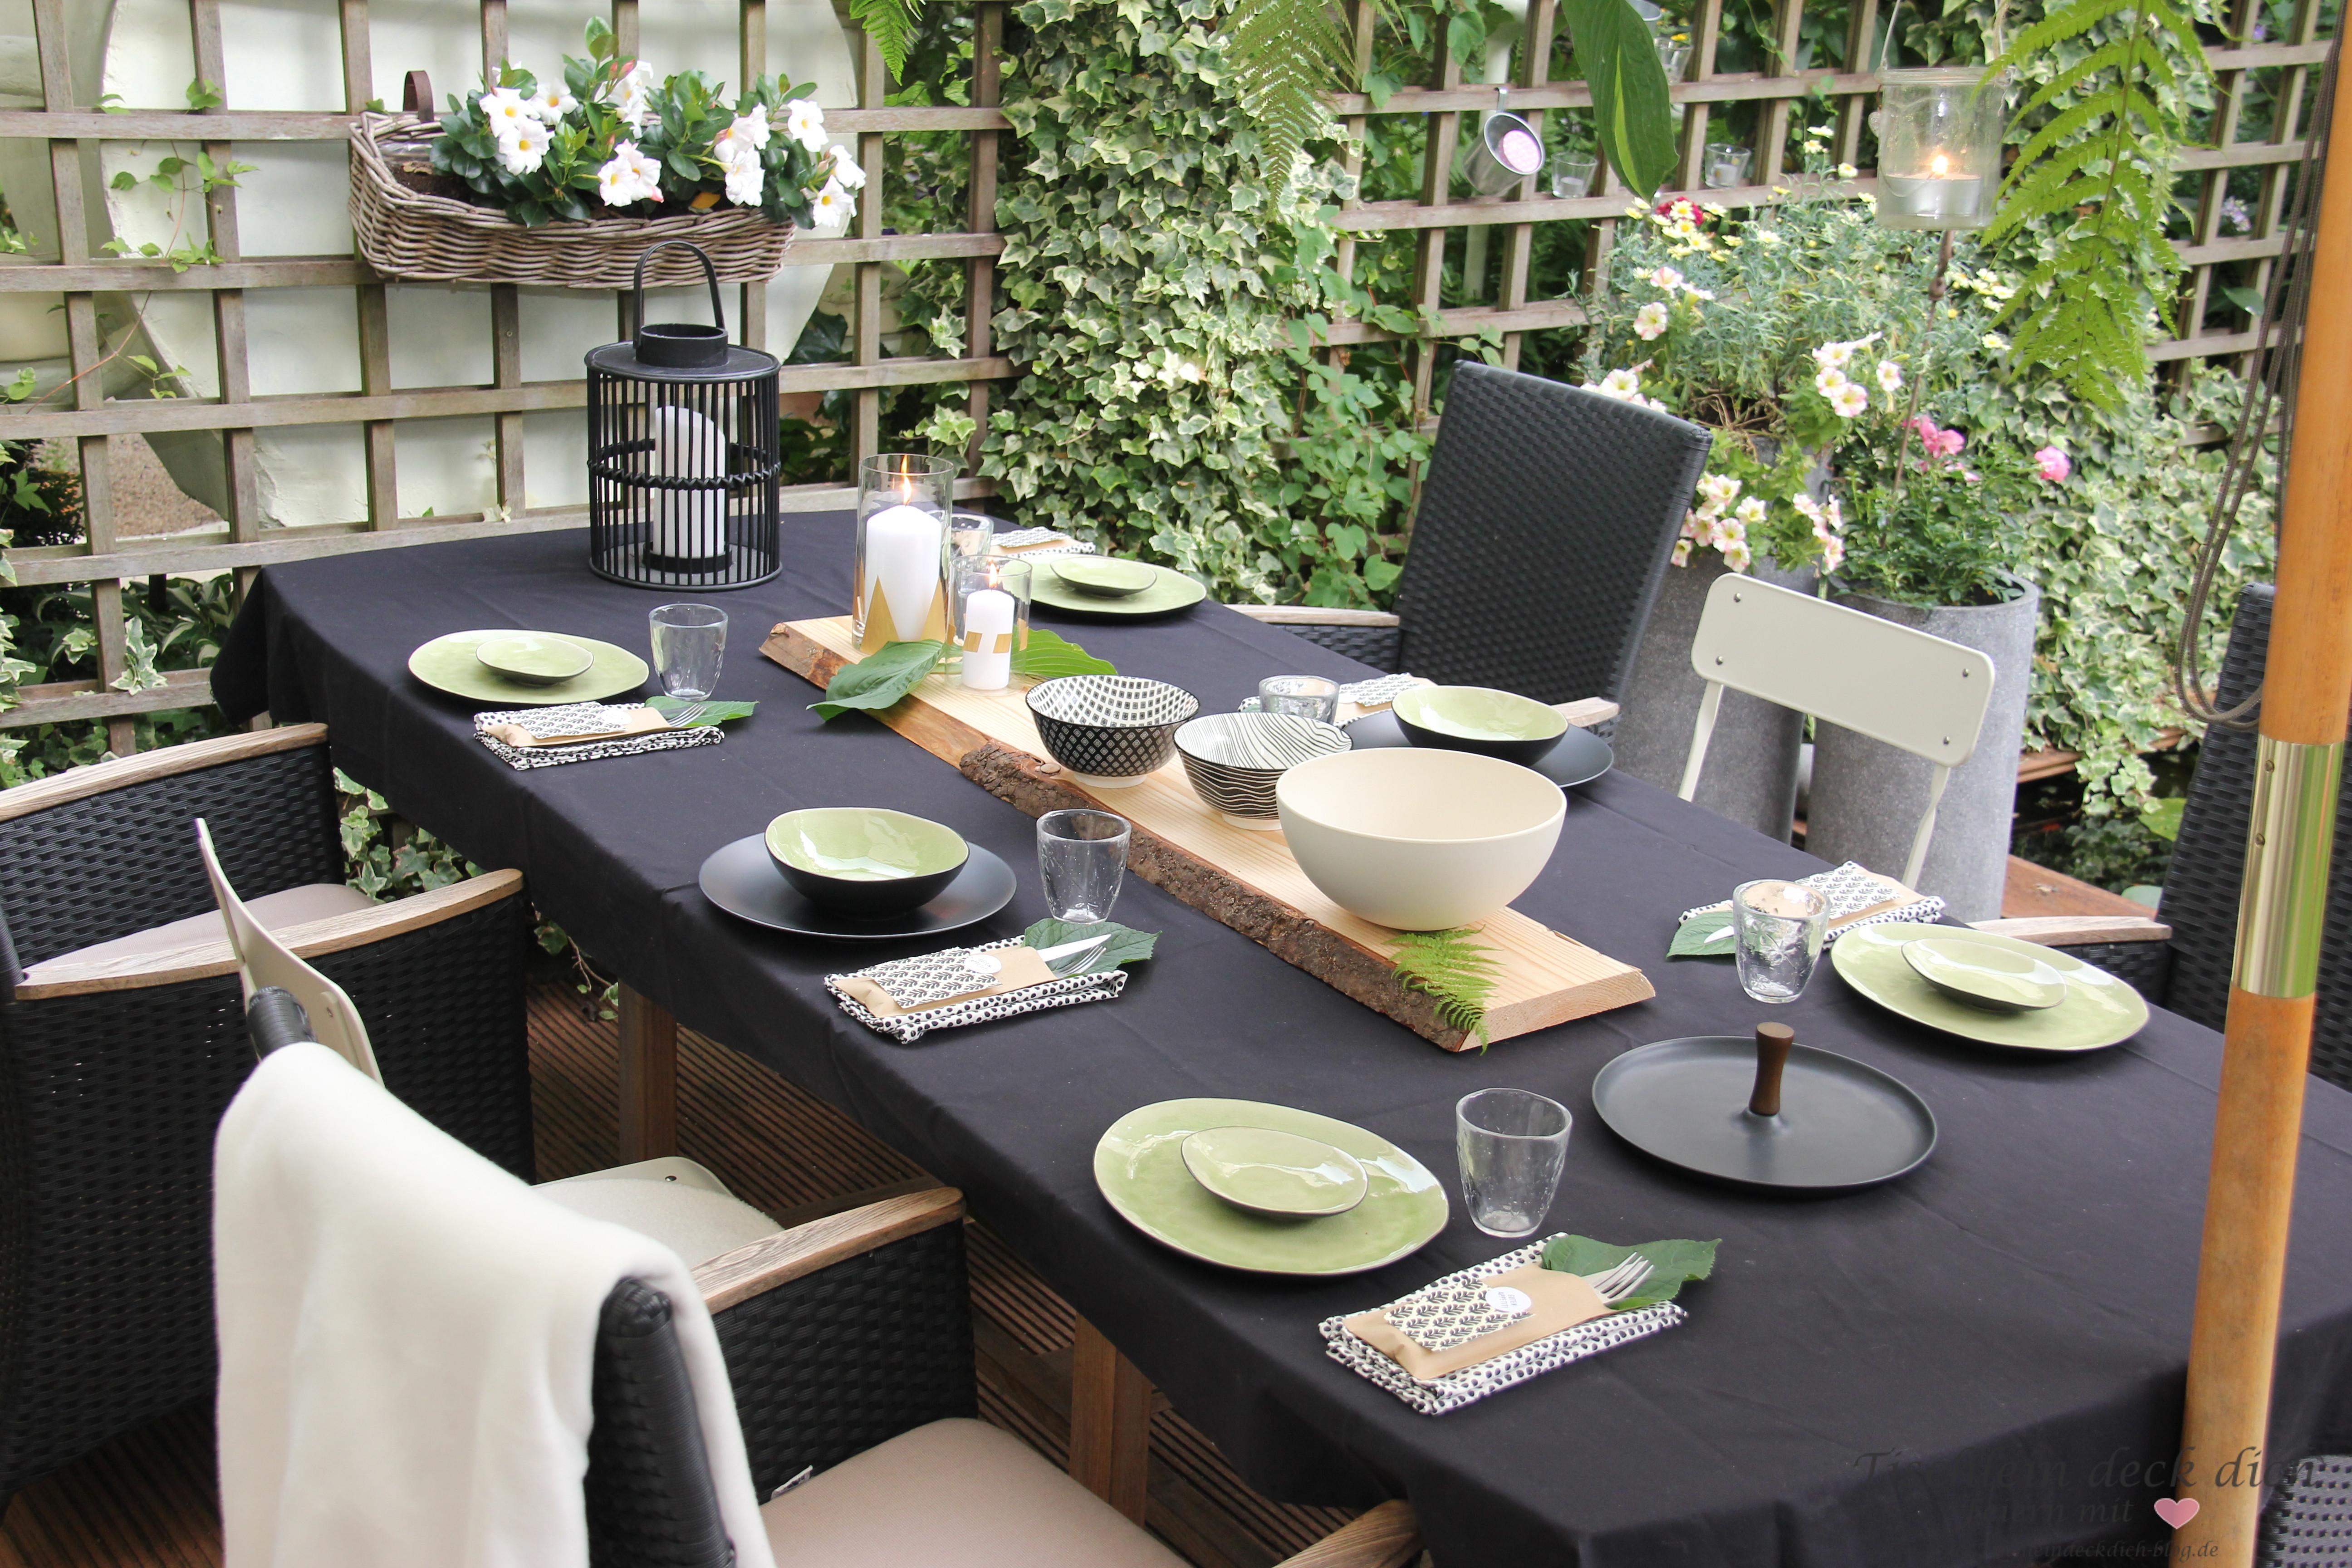 Tischdeko Im Urban Style 1 Tischlein Deck Dich